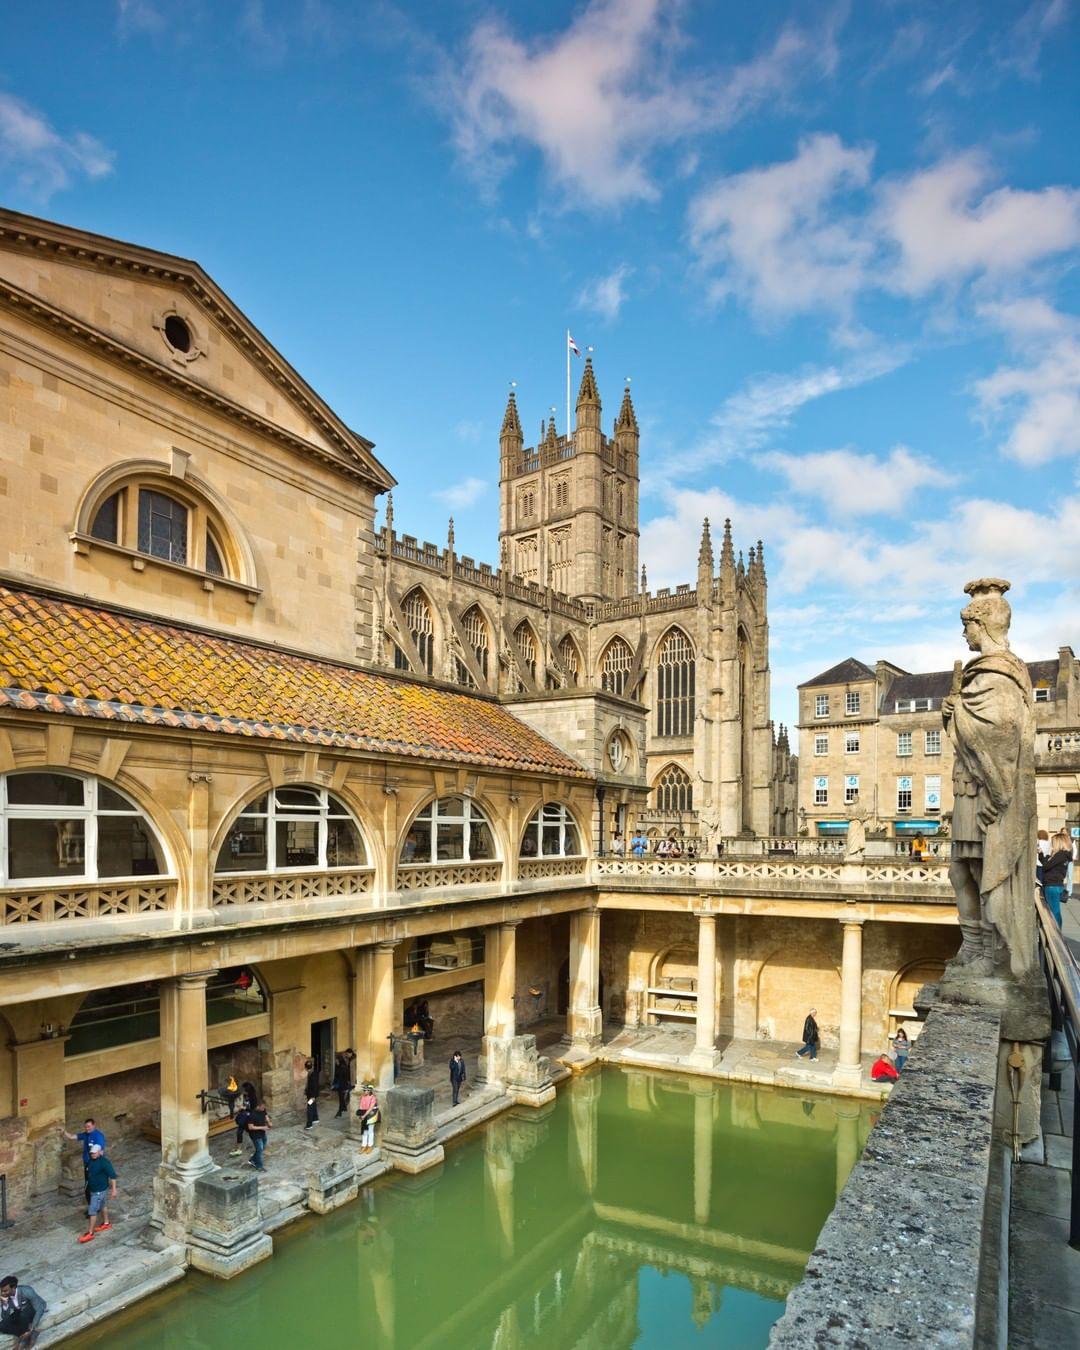 The Roman Baths, Vương quốc Anh